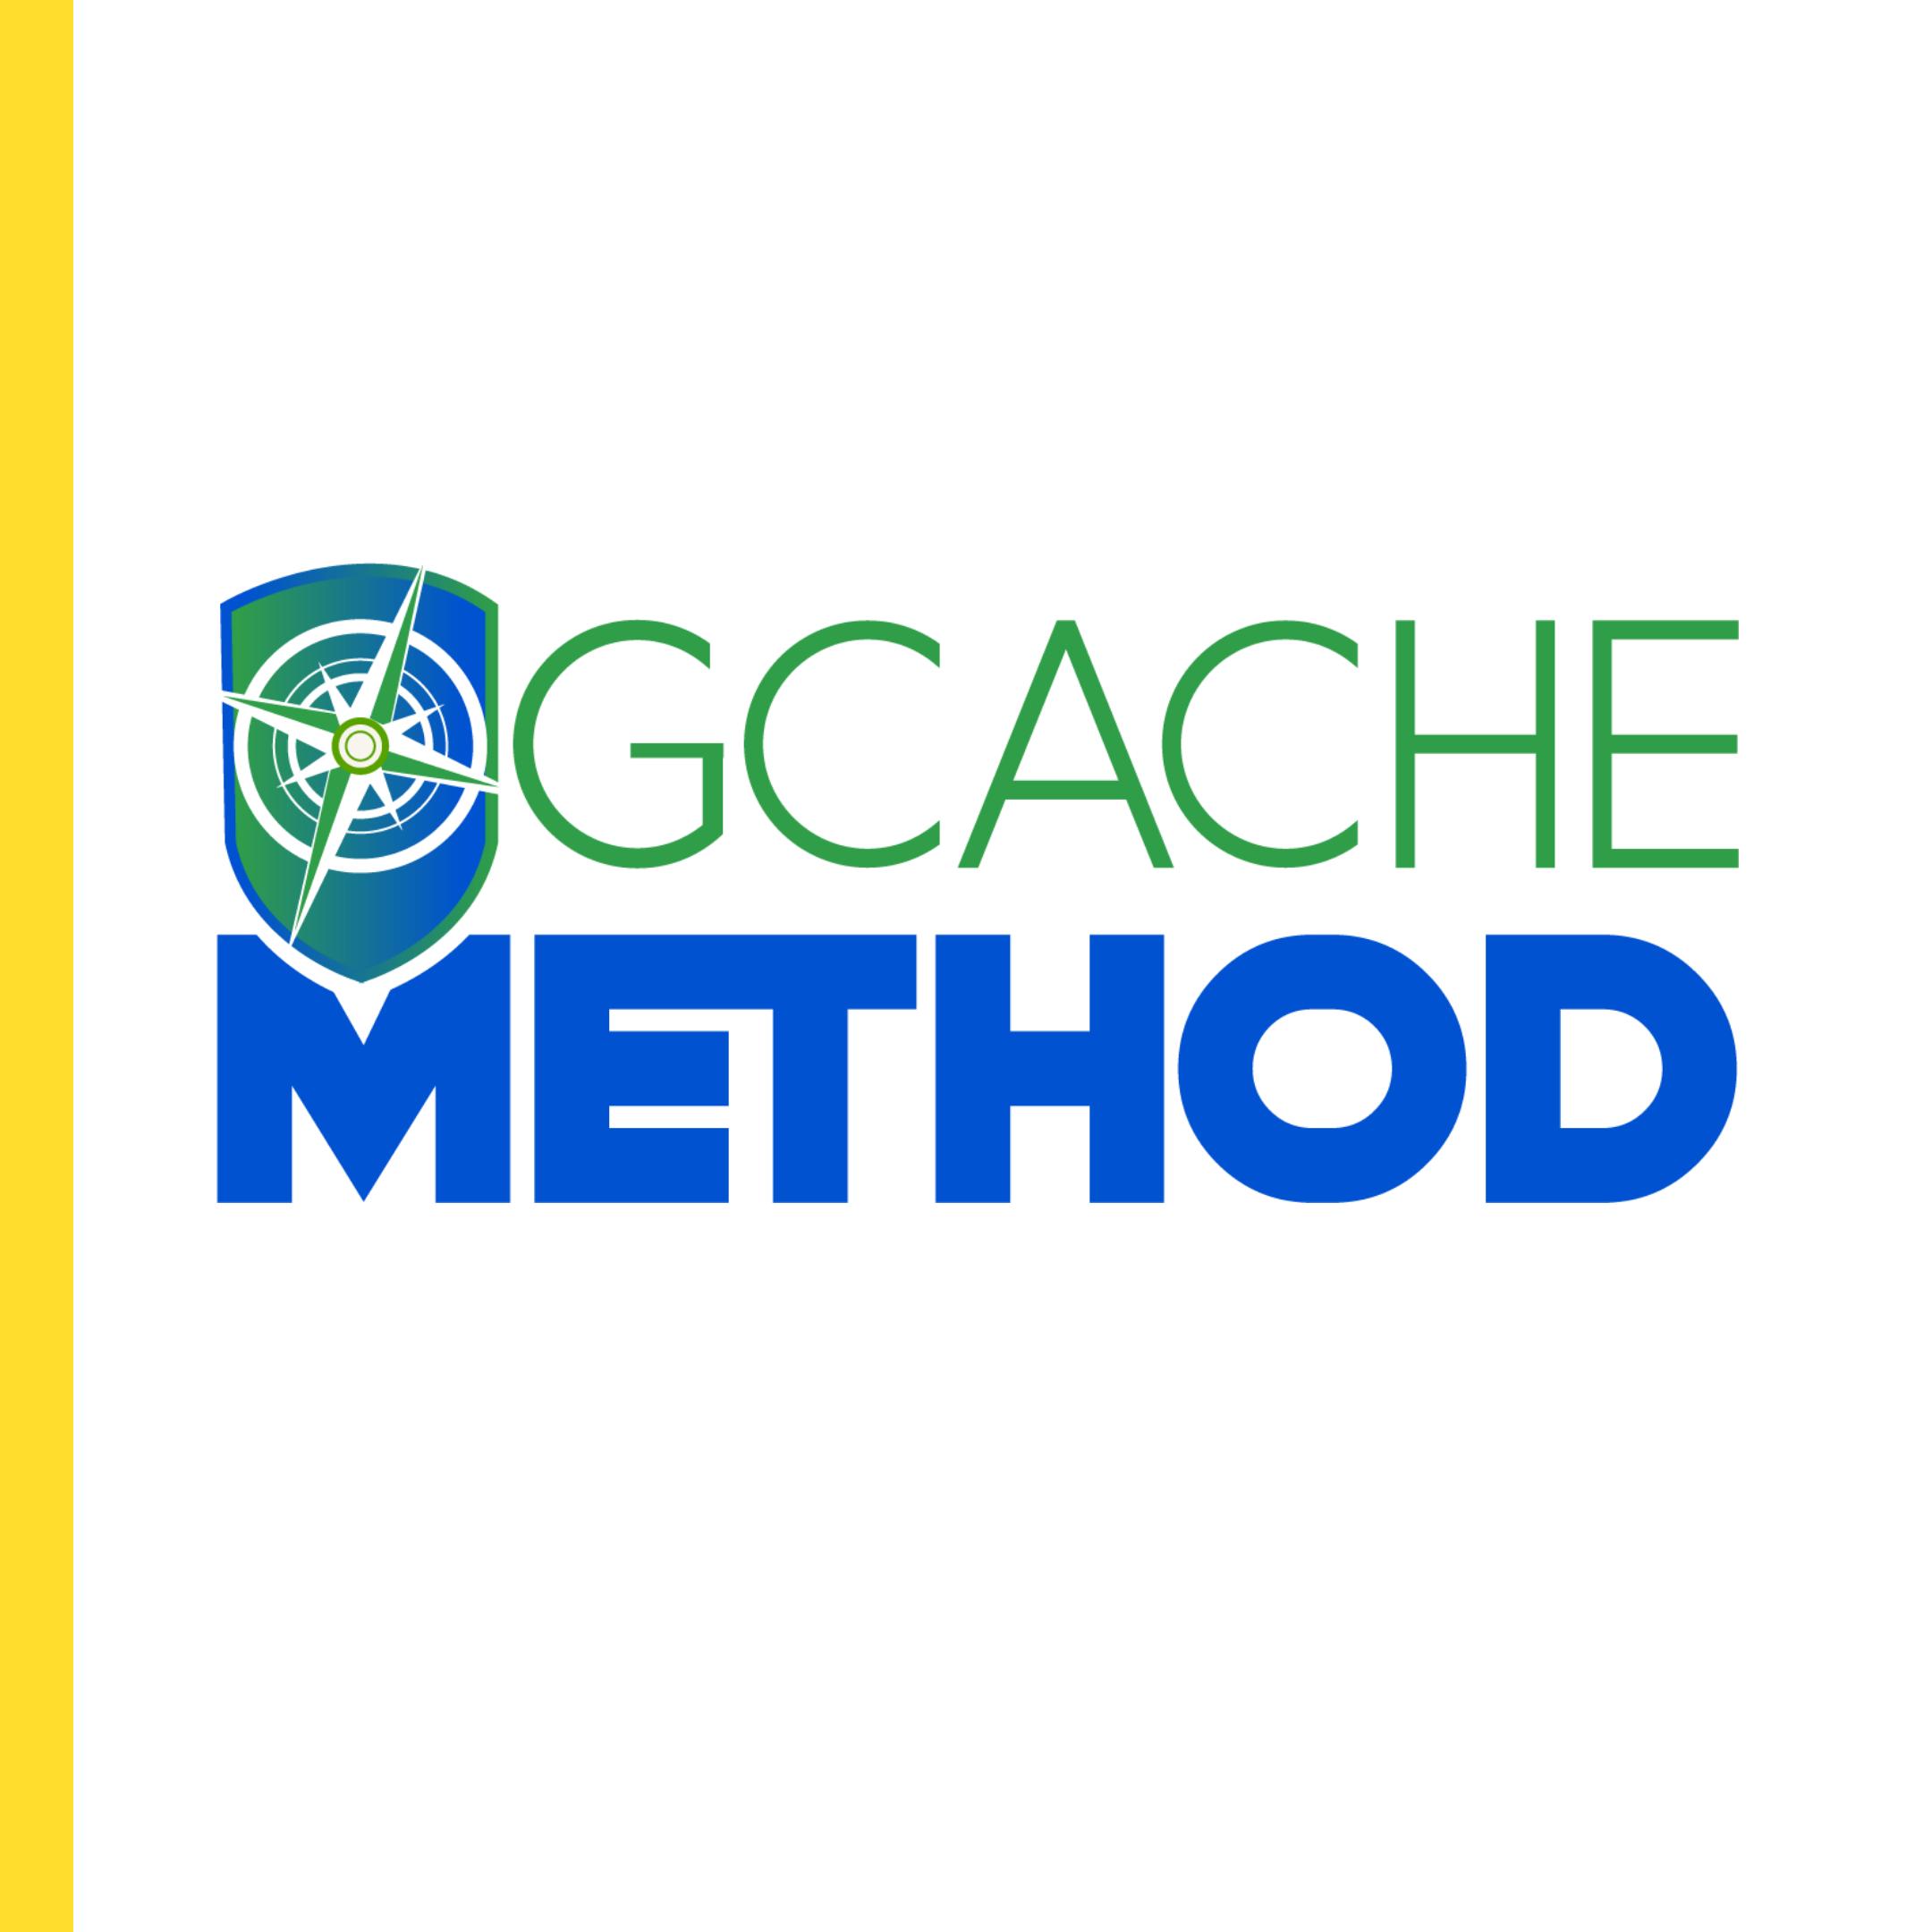 Cache Method